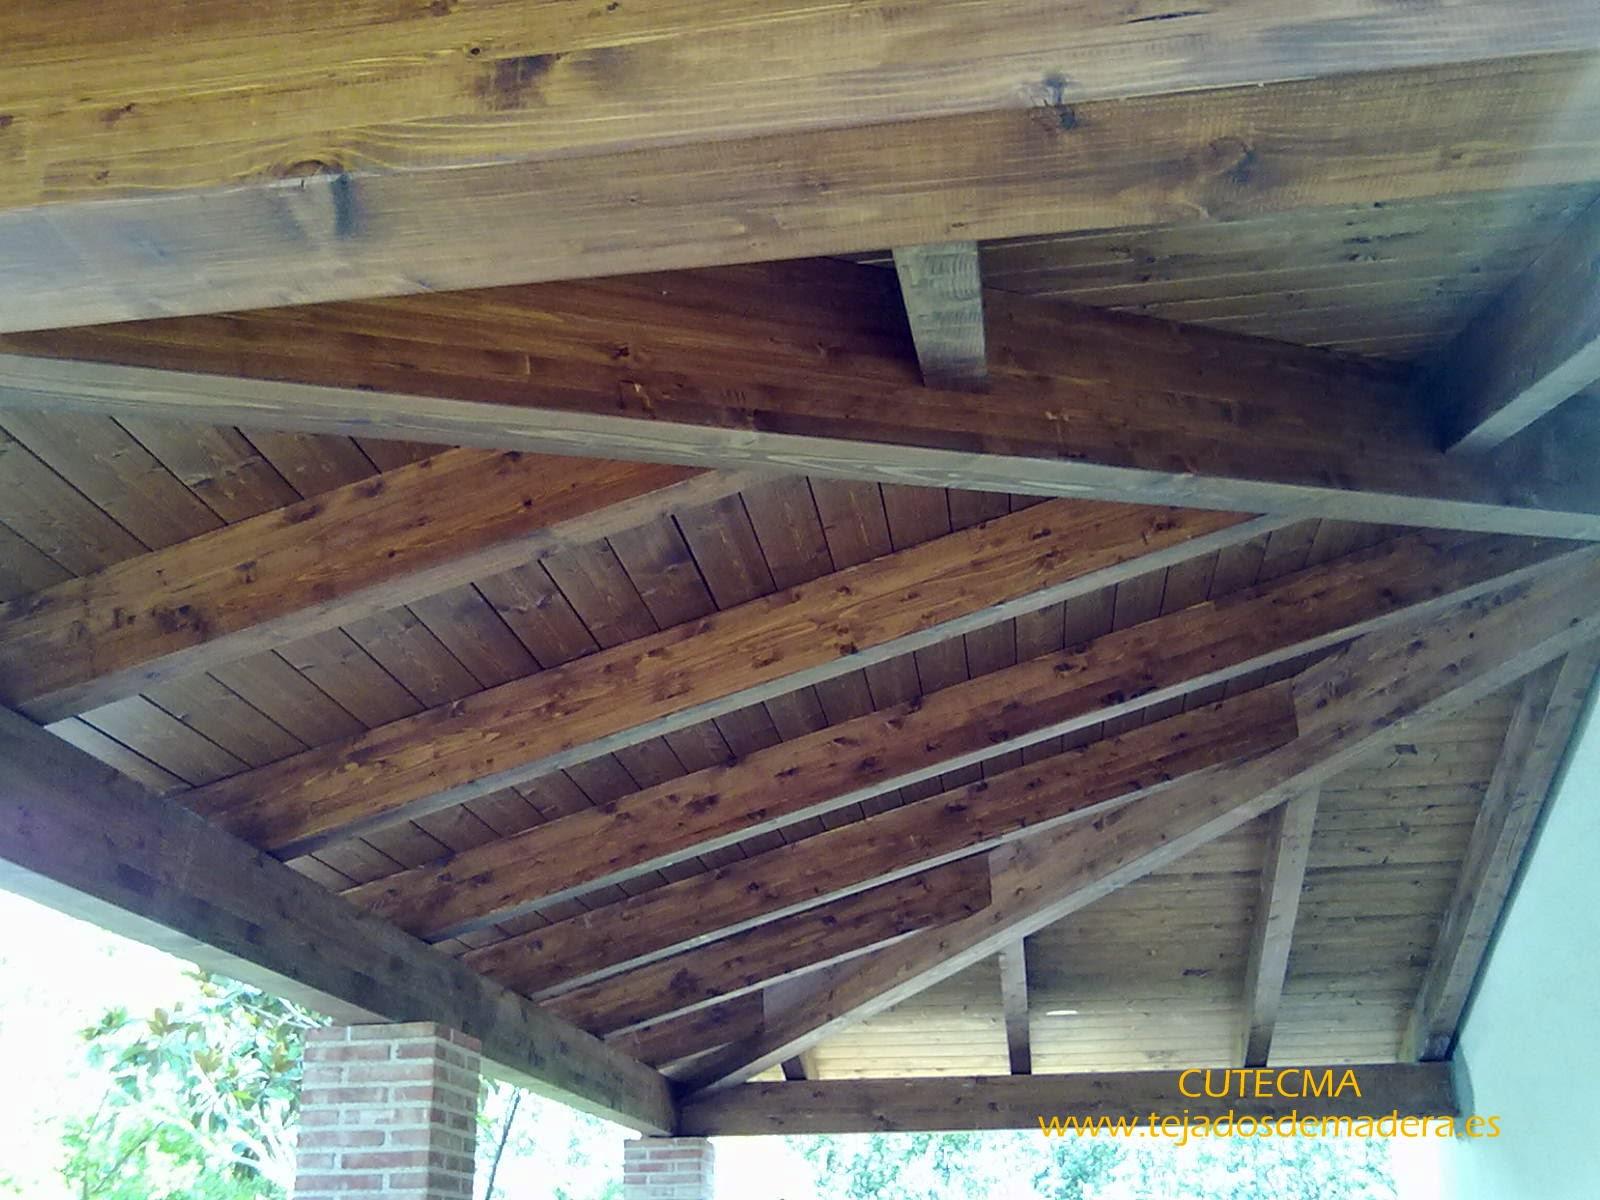 Estructuras de madera cutecma porches de madera el - Porches de madera cerrados ...